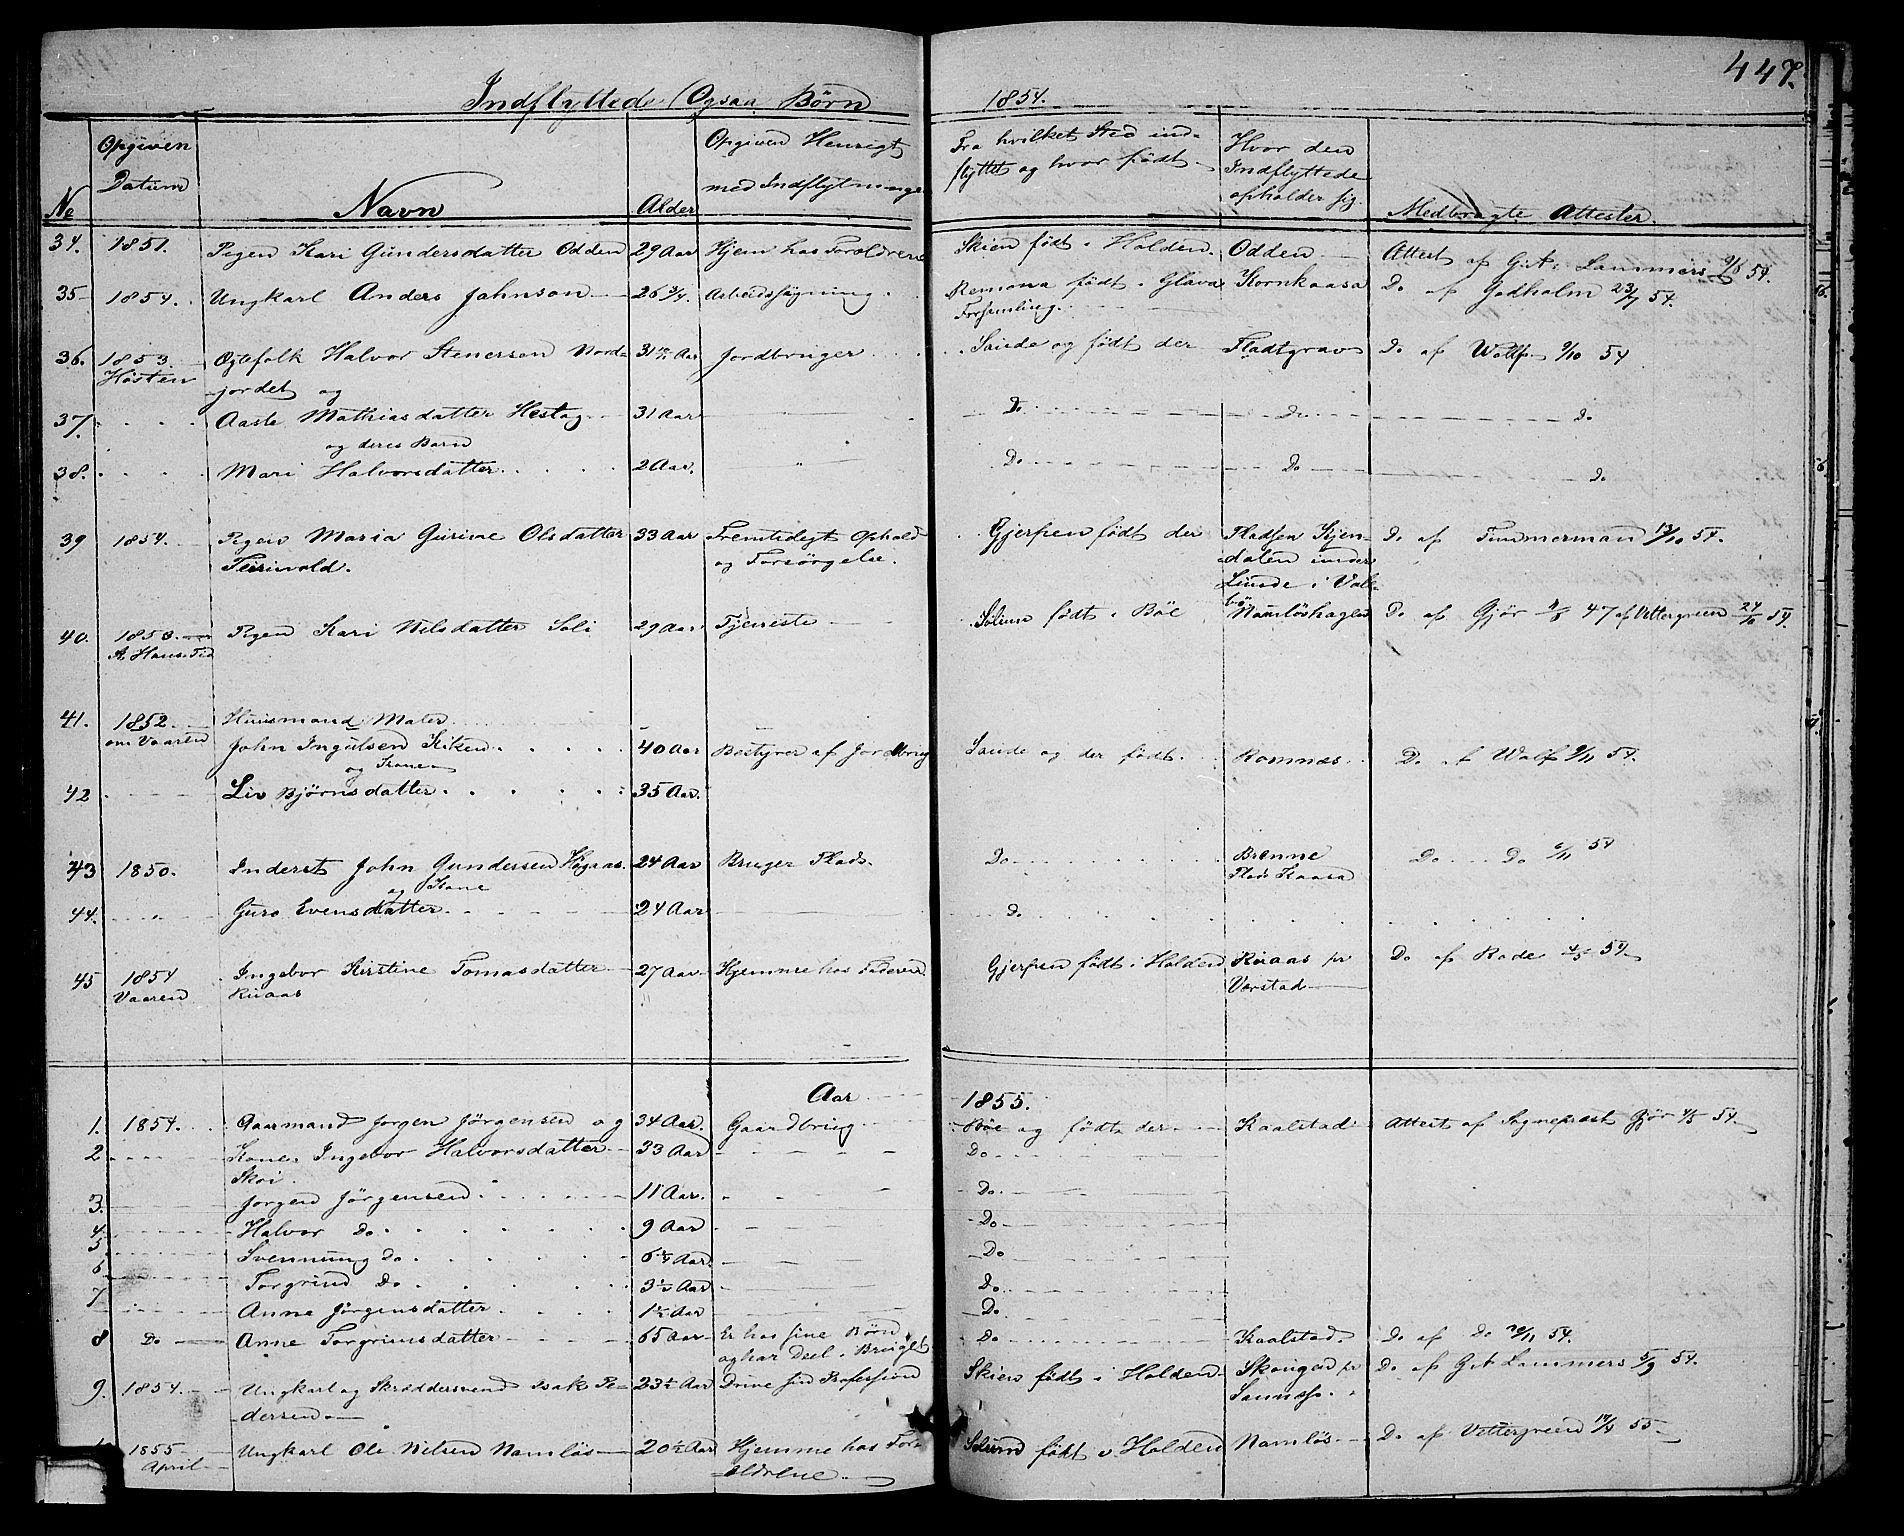 SAKO, Holla kirkebøker, G/Ga/L0003: Klokkerbok nr. I 3, 1849-1866, s. 447